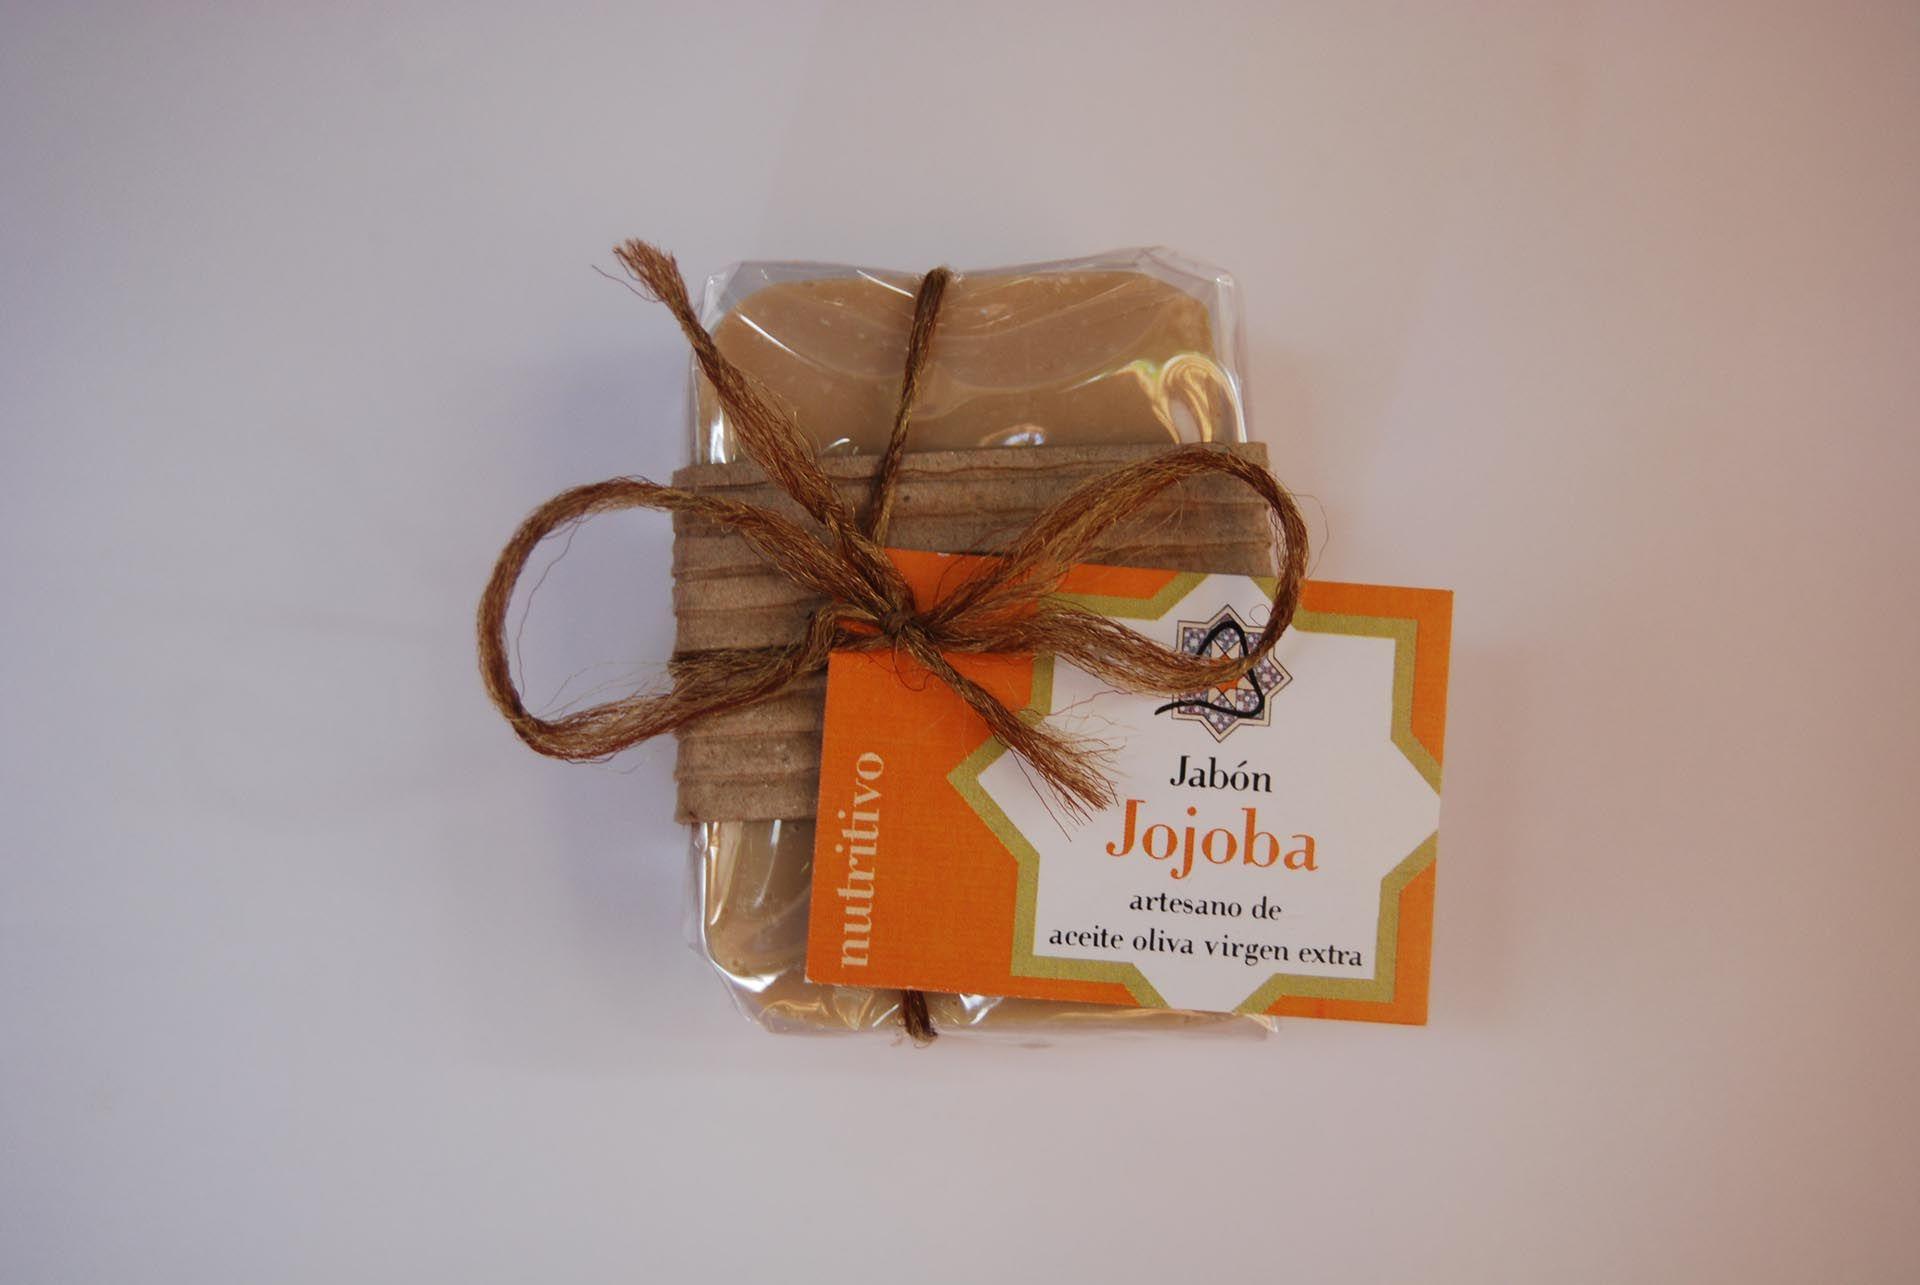 Jabón artesano de jojoba: Productos de Arahí